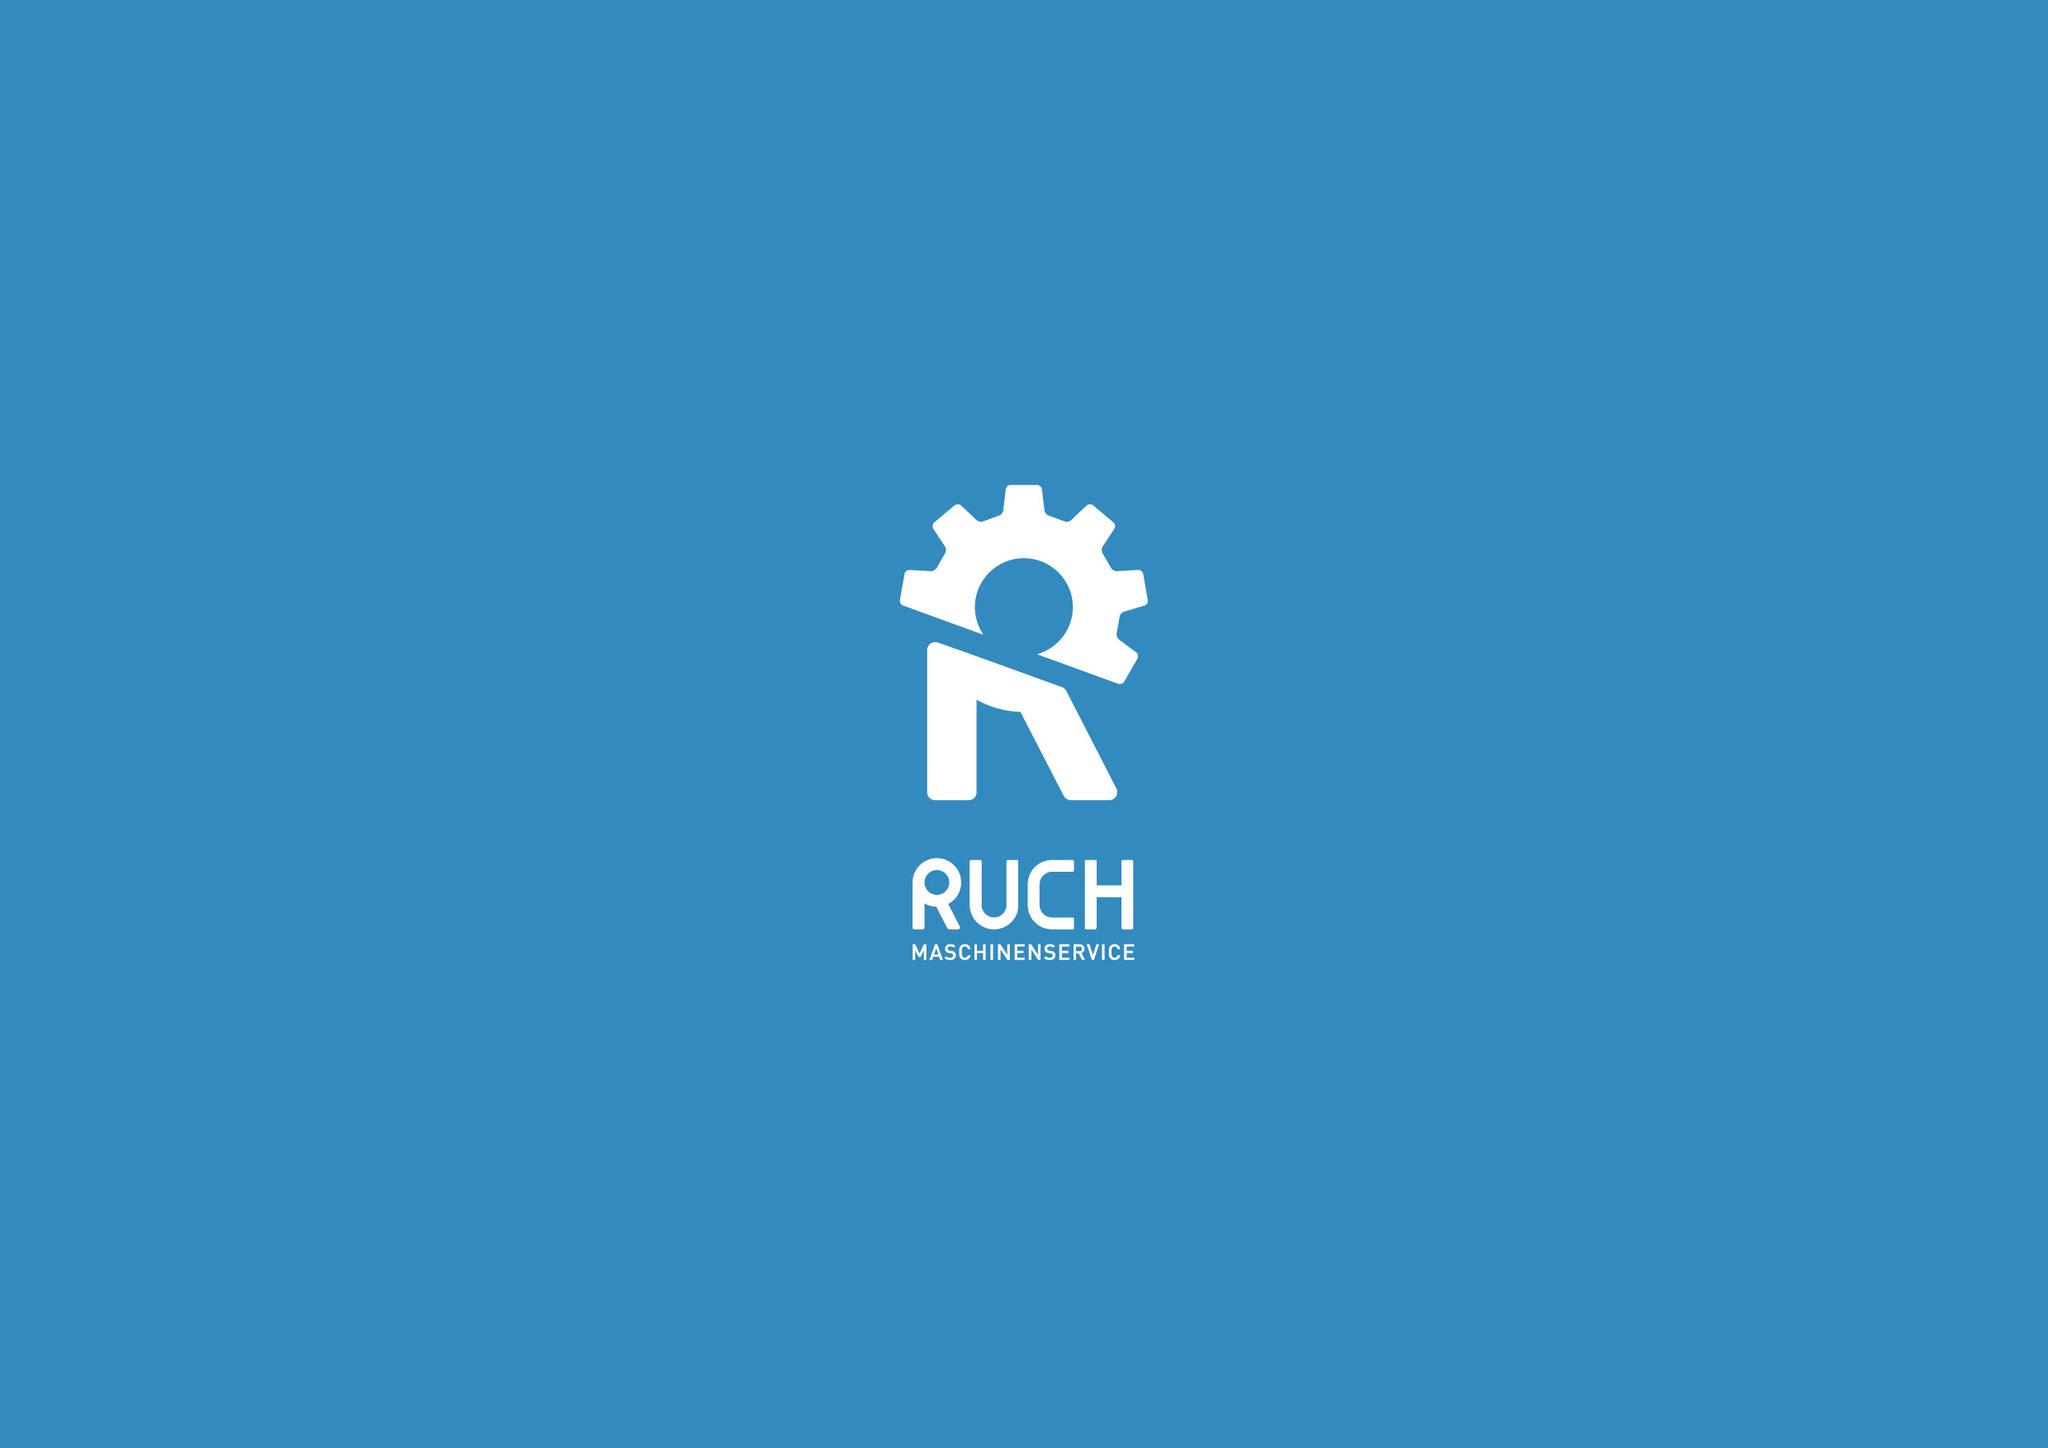 Entwicklung Logo Design by Lockedesign Burgdorf (Bern): Ruch Landmaschinenservice, Brief A4, Kuvert C5 – Textil- und Fassadenbeschriftung (Burgdorf)